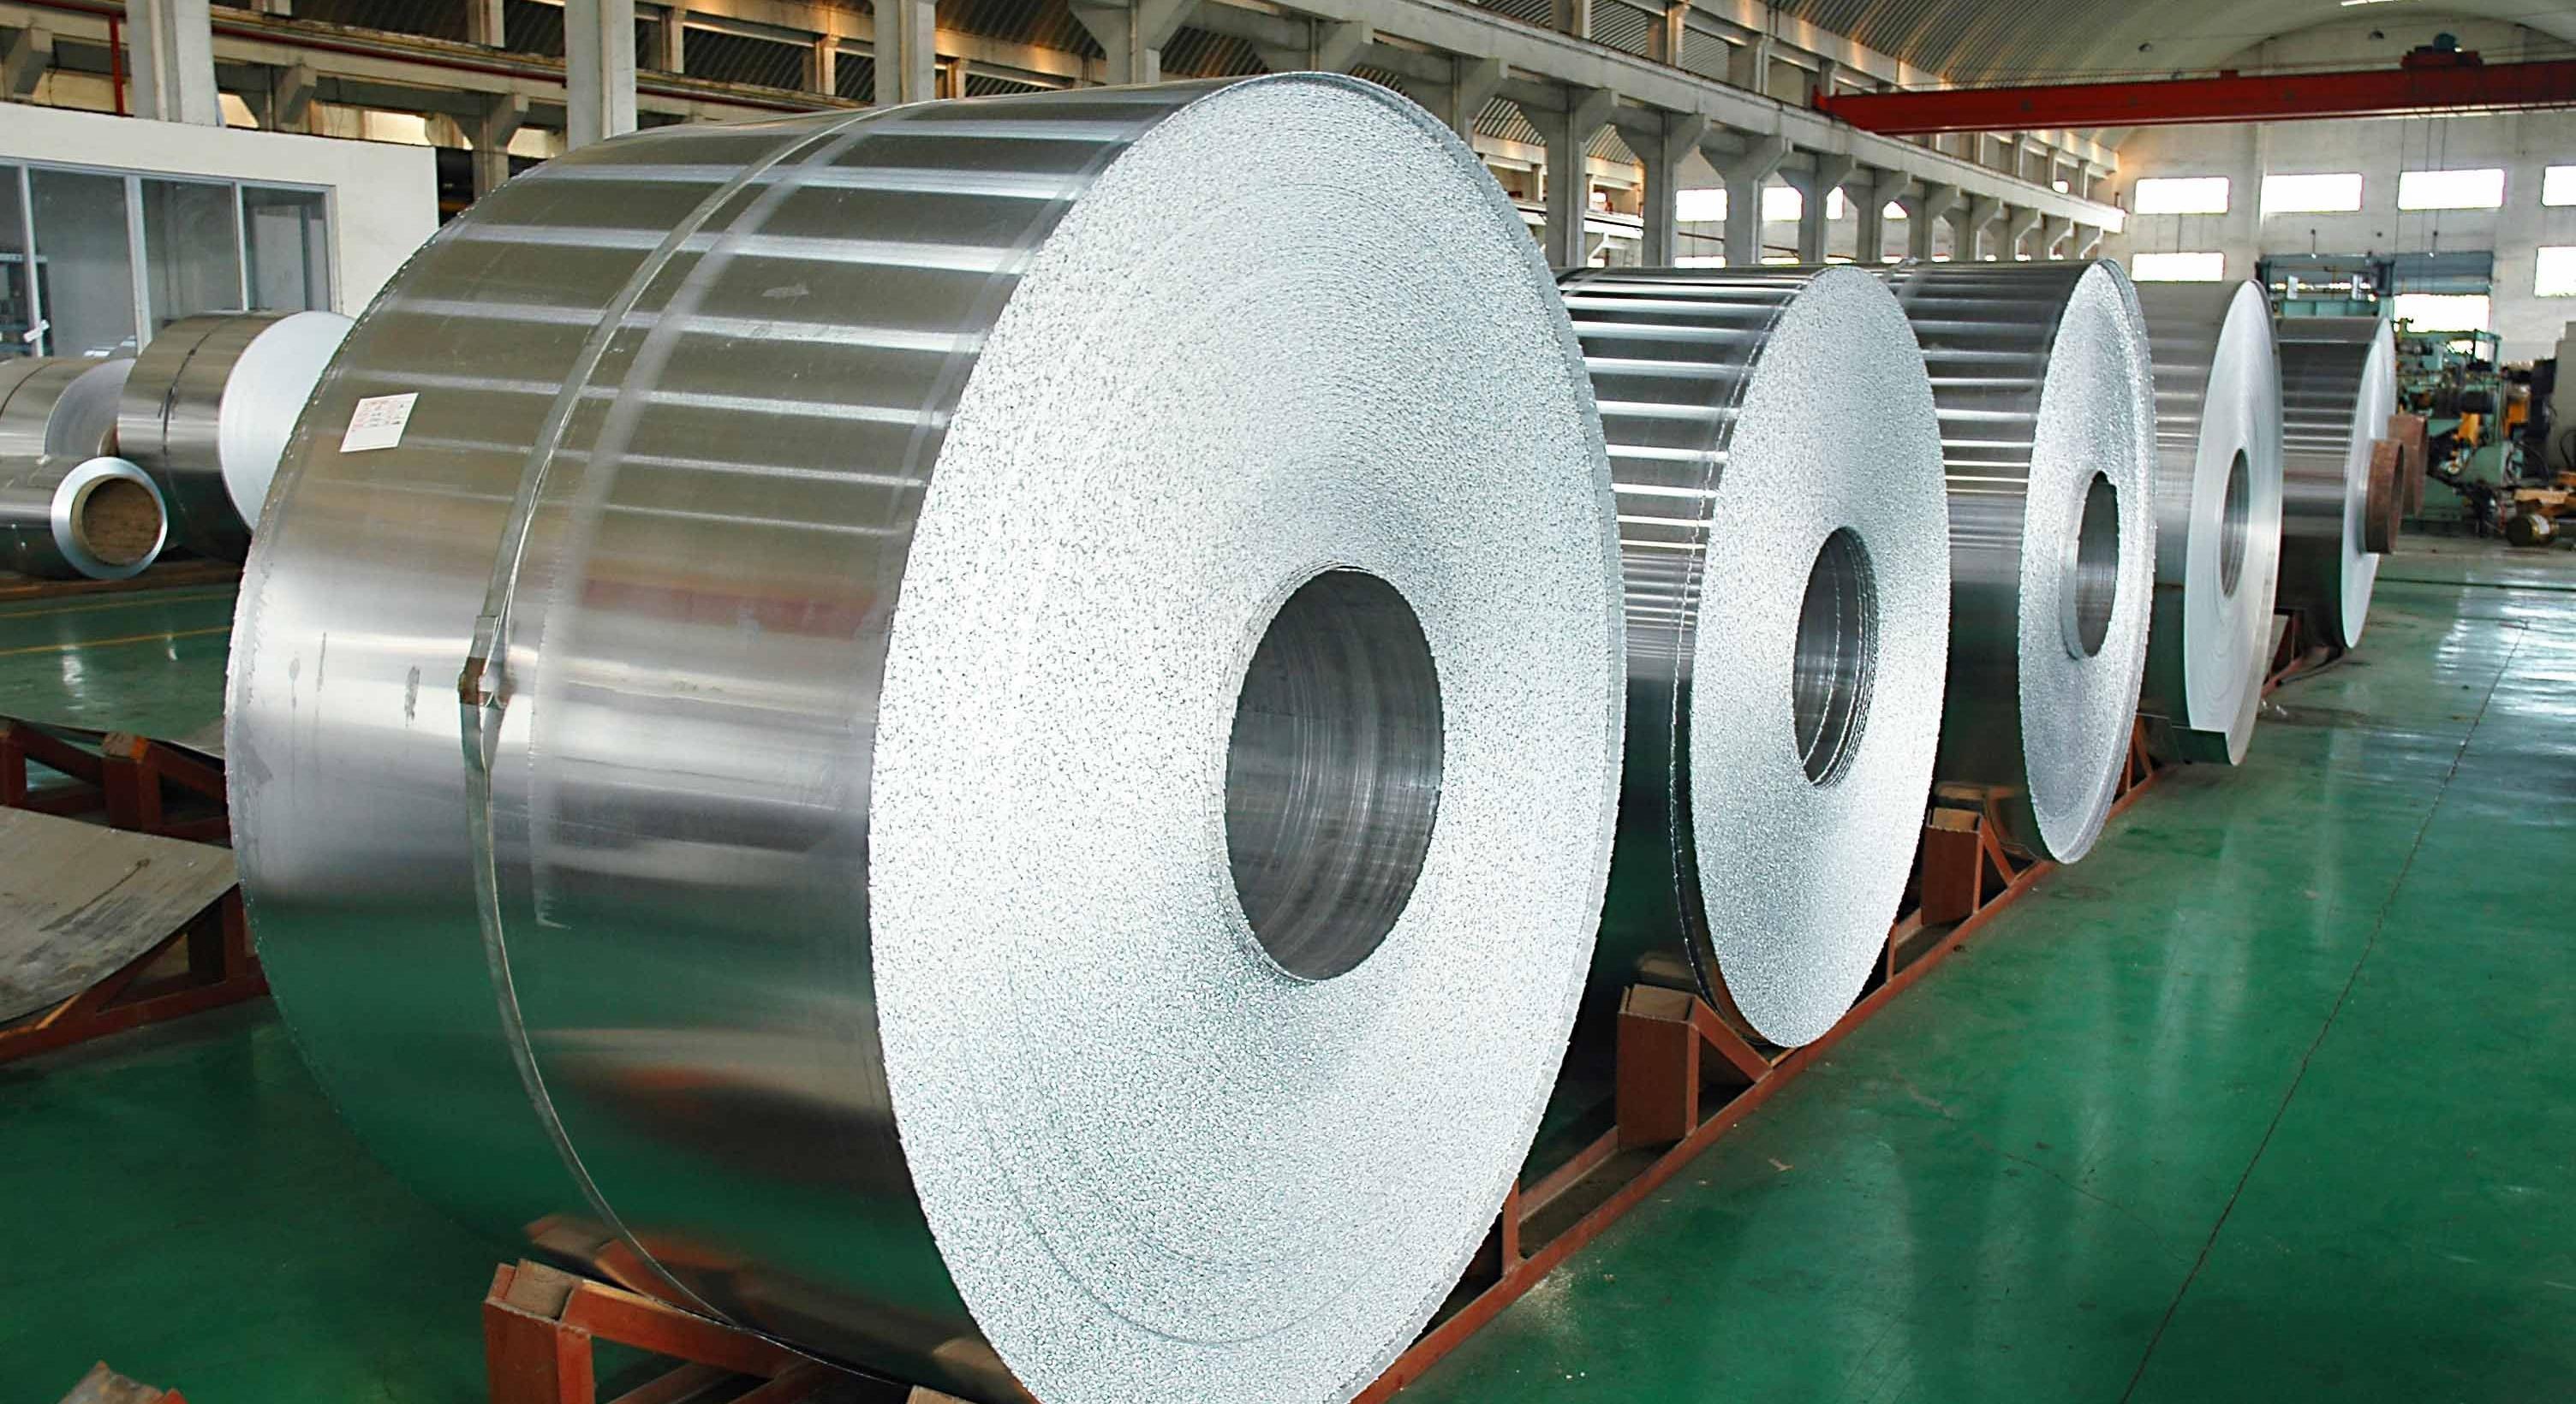 کاربرد آلومینیوم در صنایع